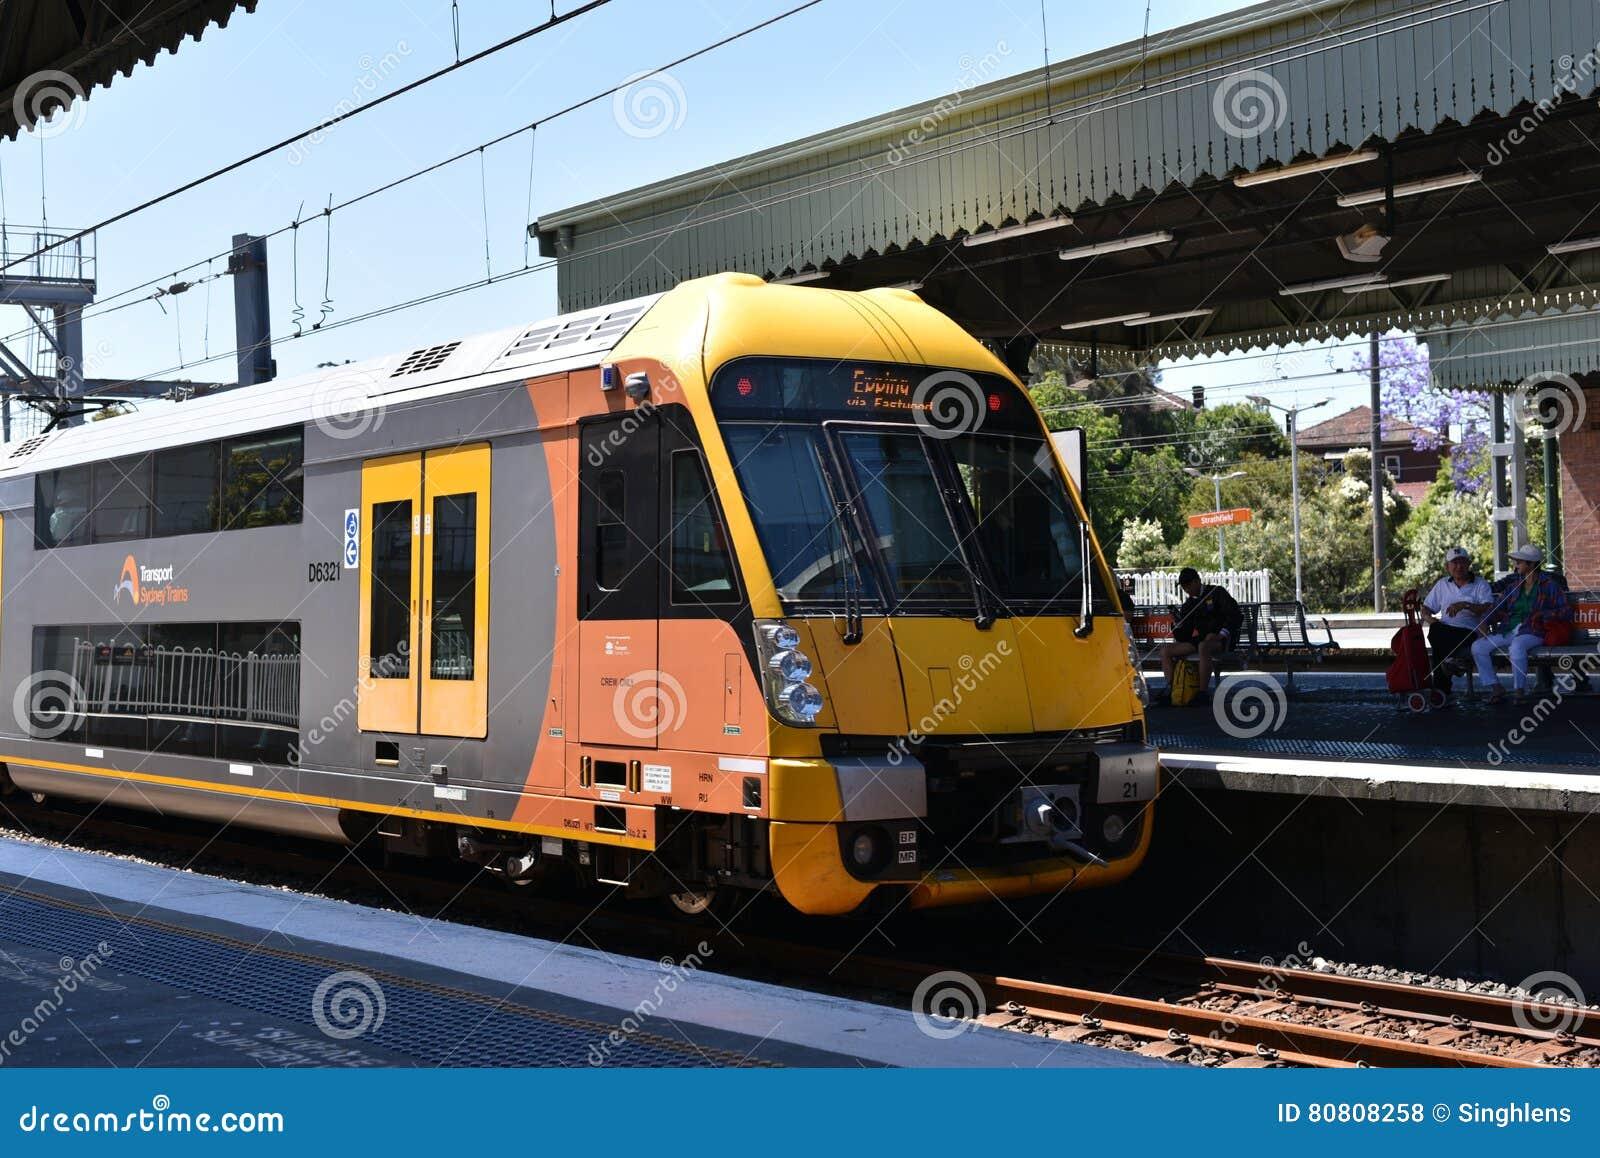 在行动,它的NSW悉尼火车是为悉尼,新南威尔斯,澳大利亚服务的郊区铁路网络